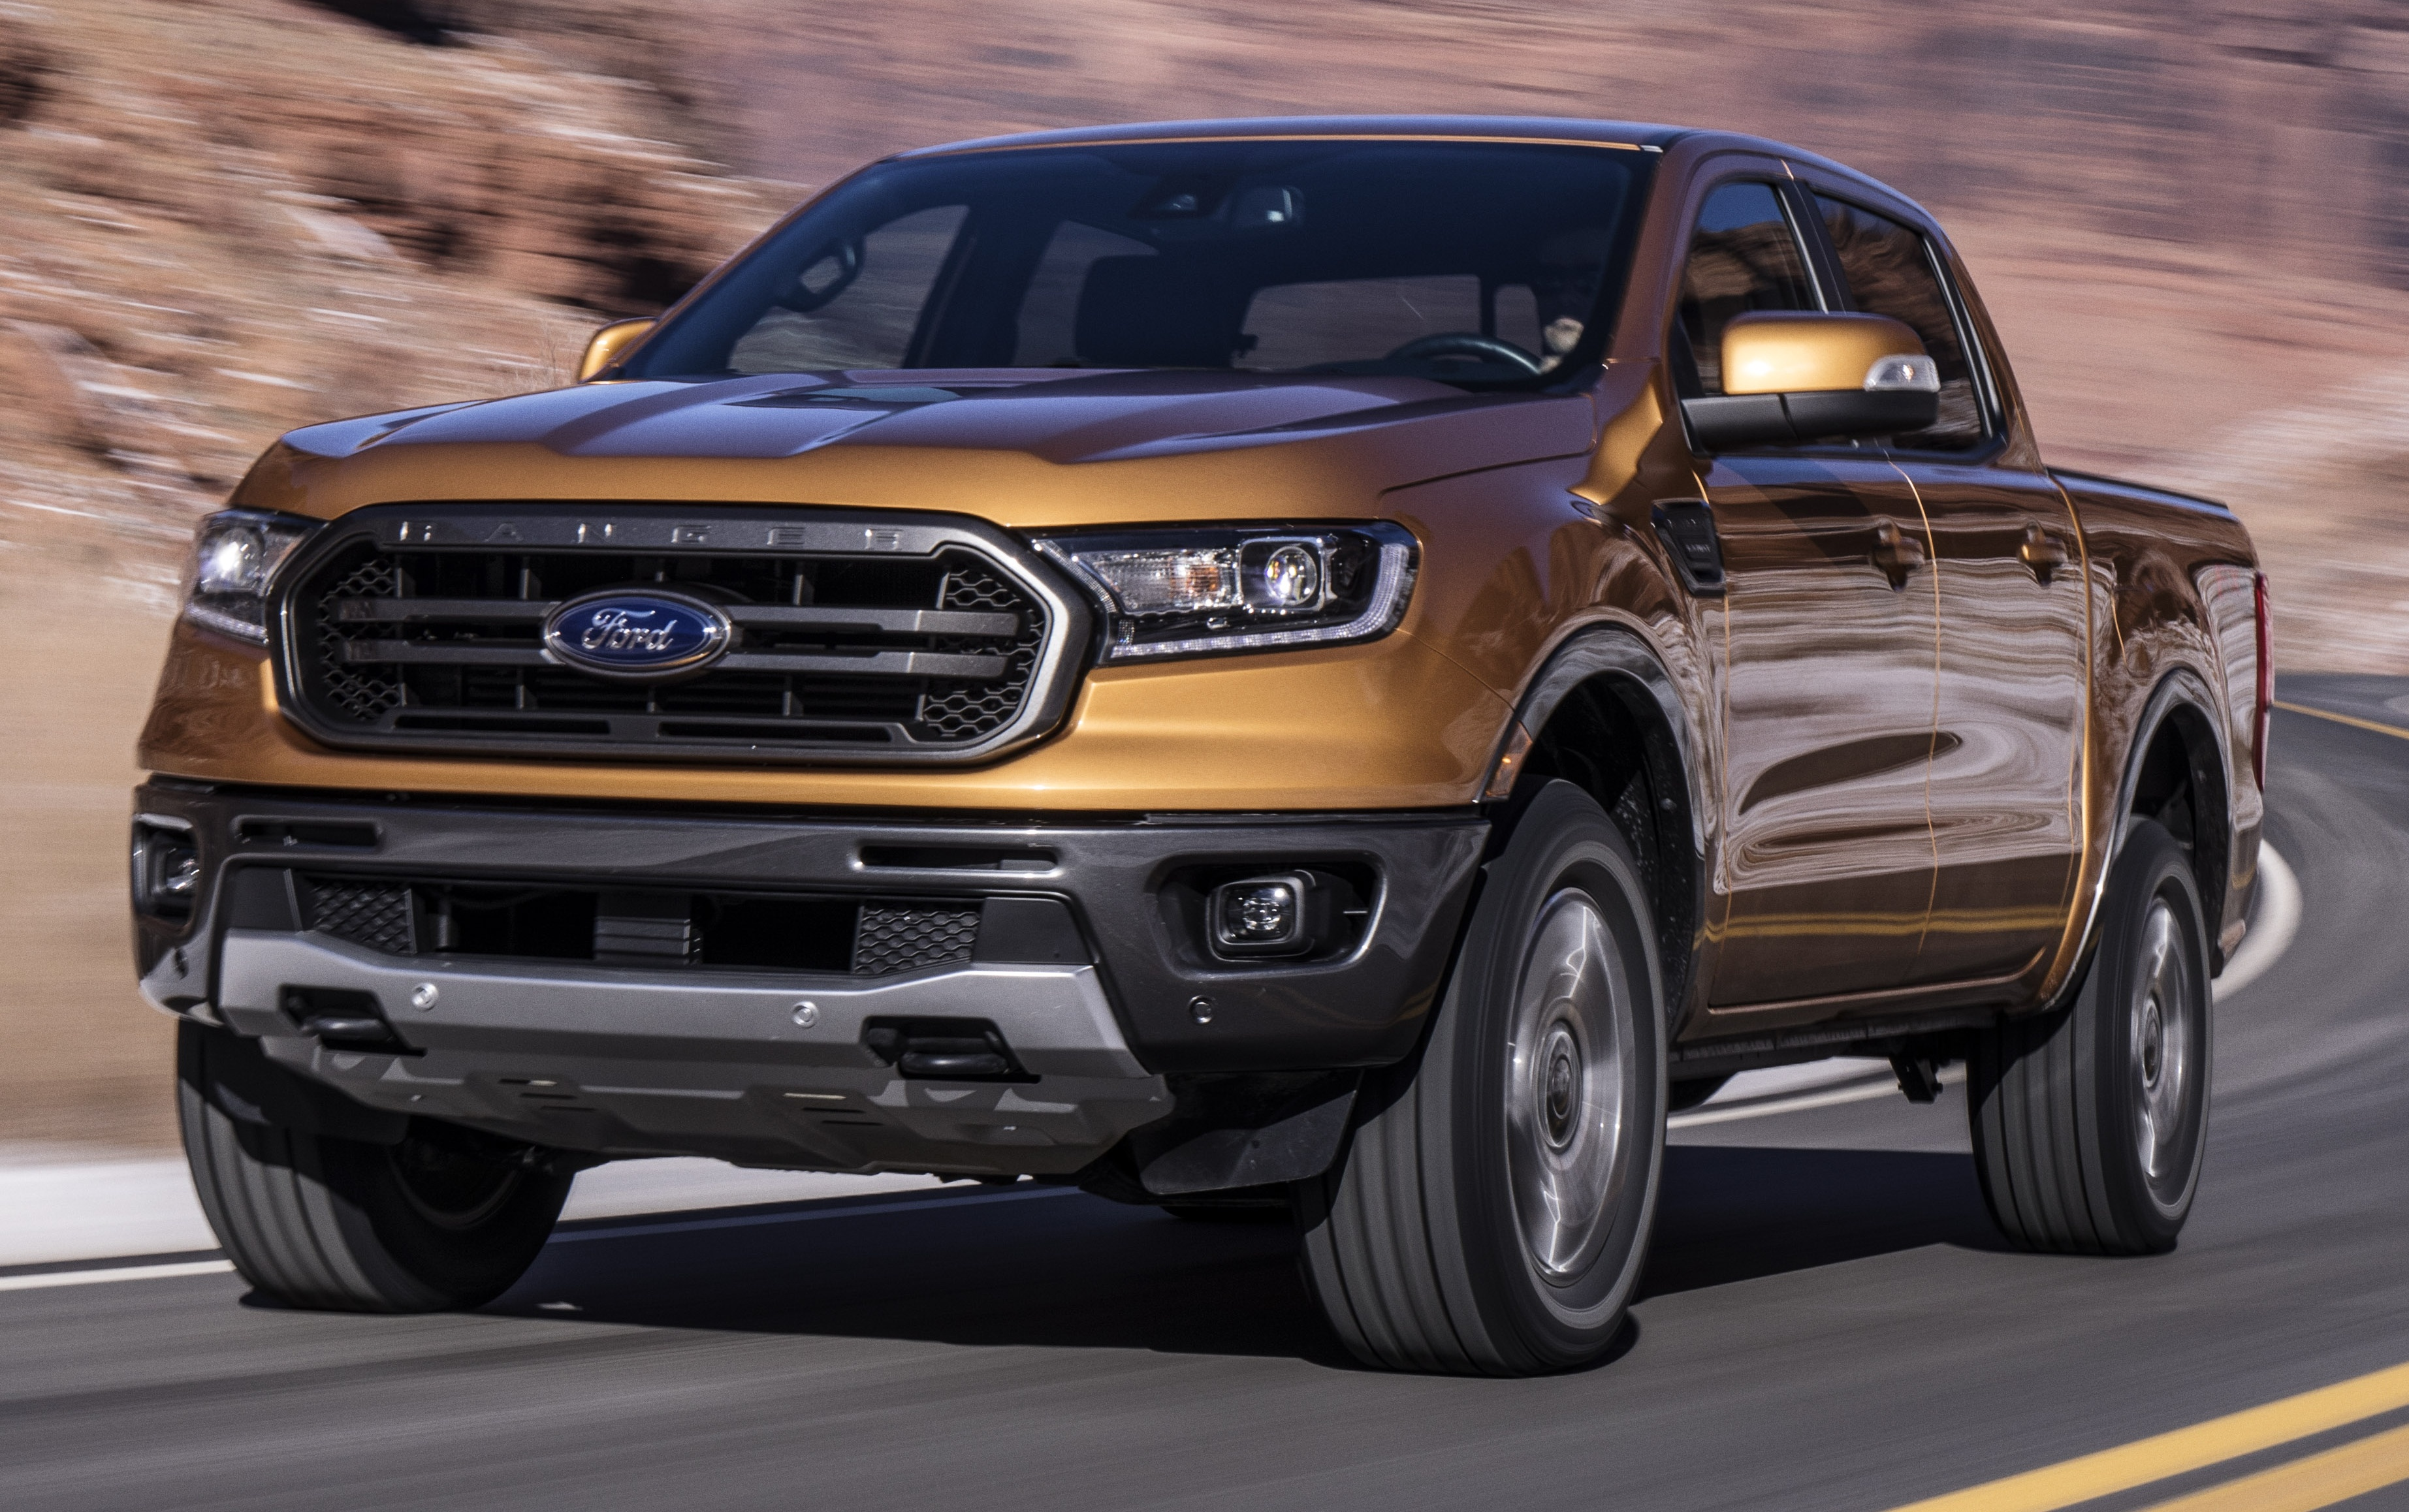 Ford Ranger 重回北美市场,统一标配自动煞停系统。 - Paul Tan 汽车资讯网